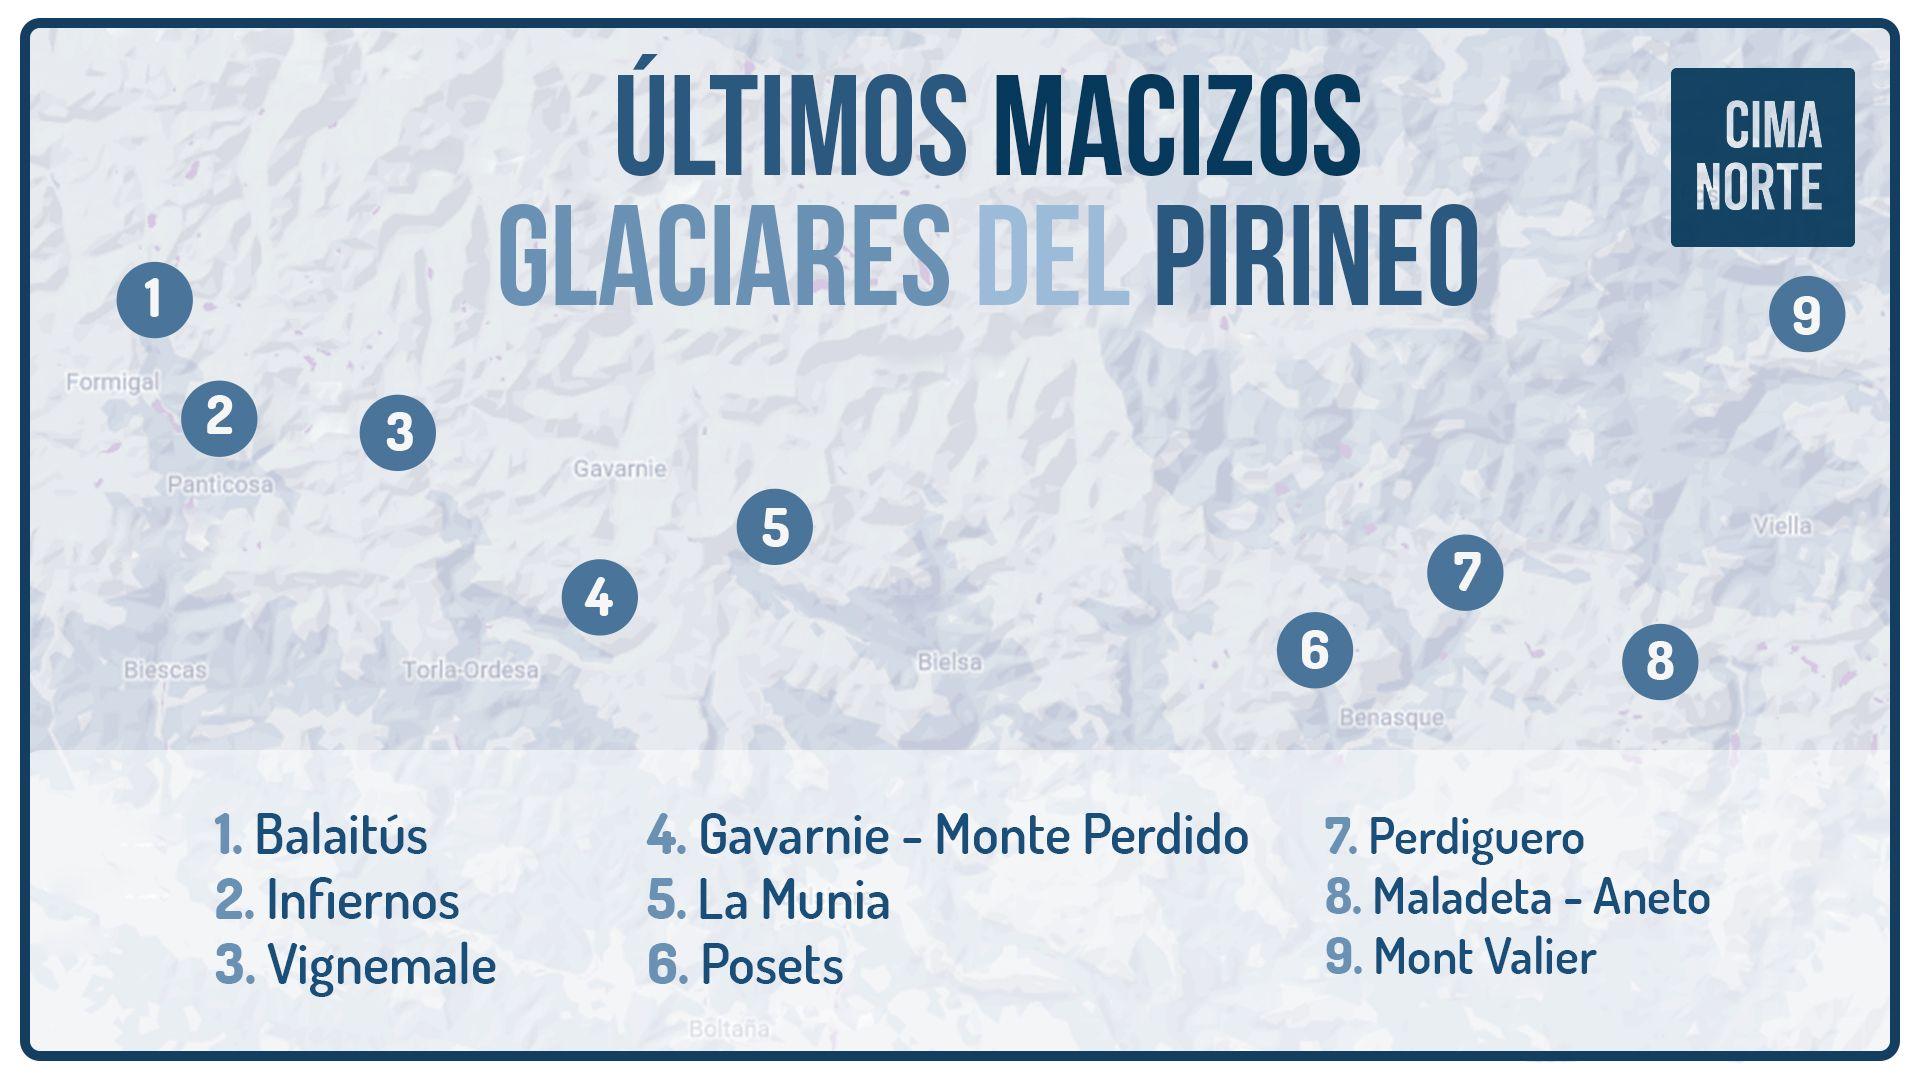 mapa ultimos glaciares del pirineo pirenaicos